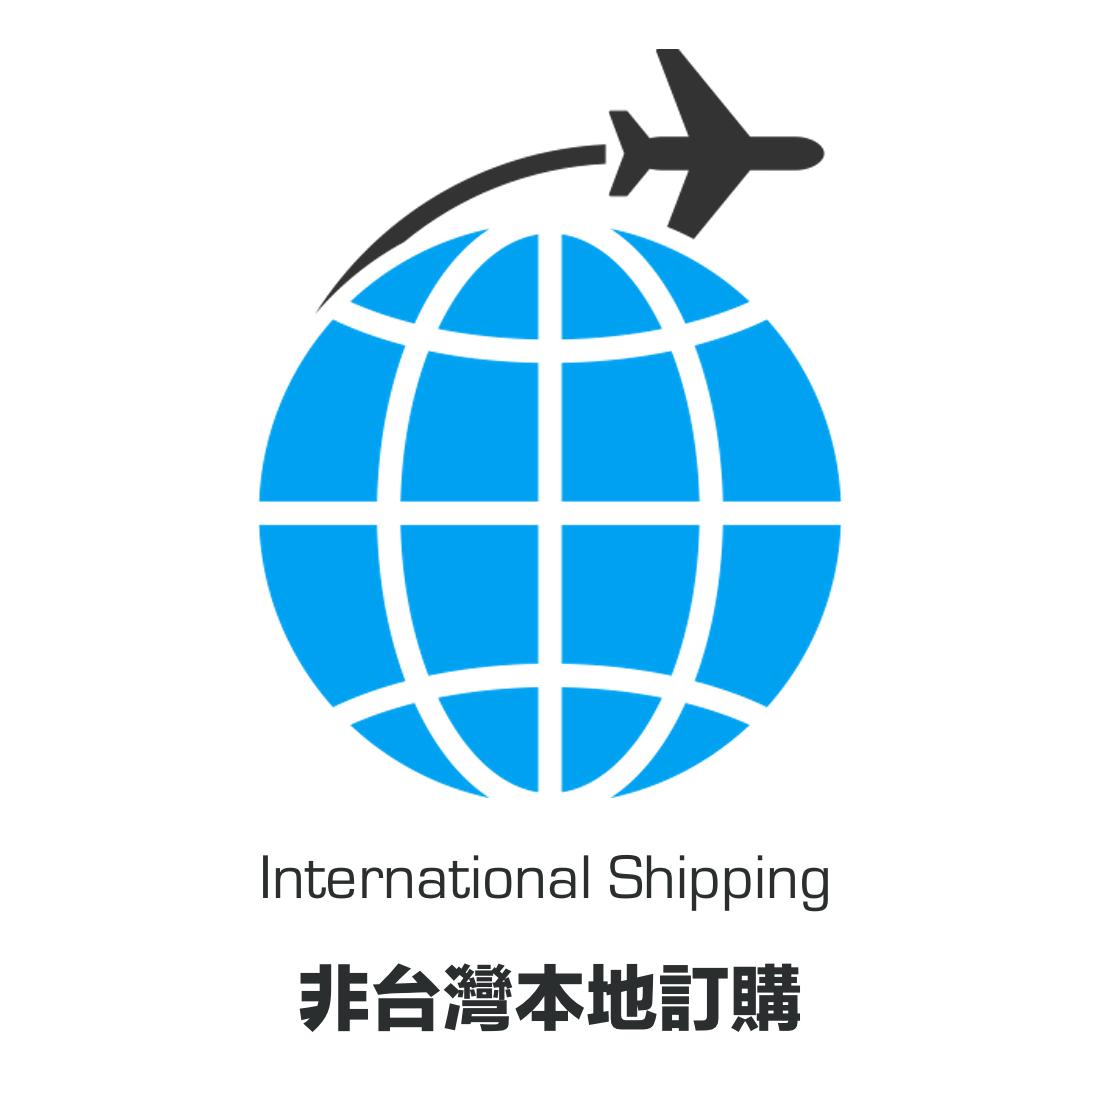 國際運送 International Shipping